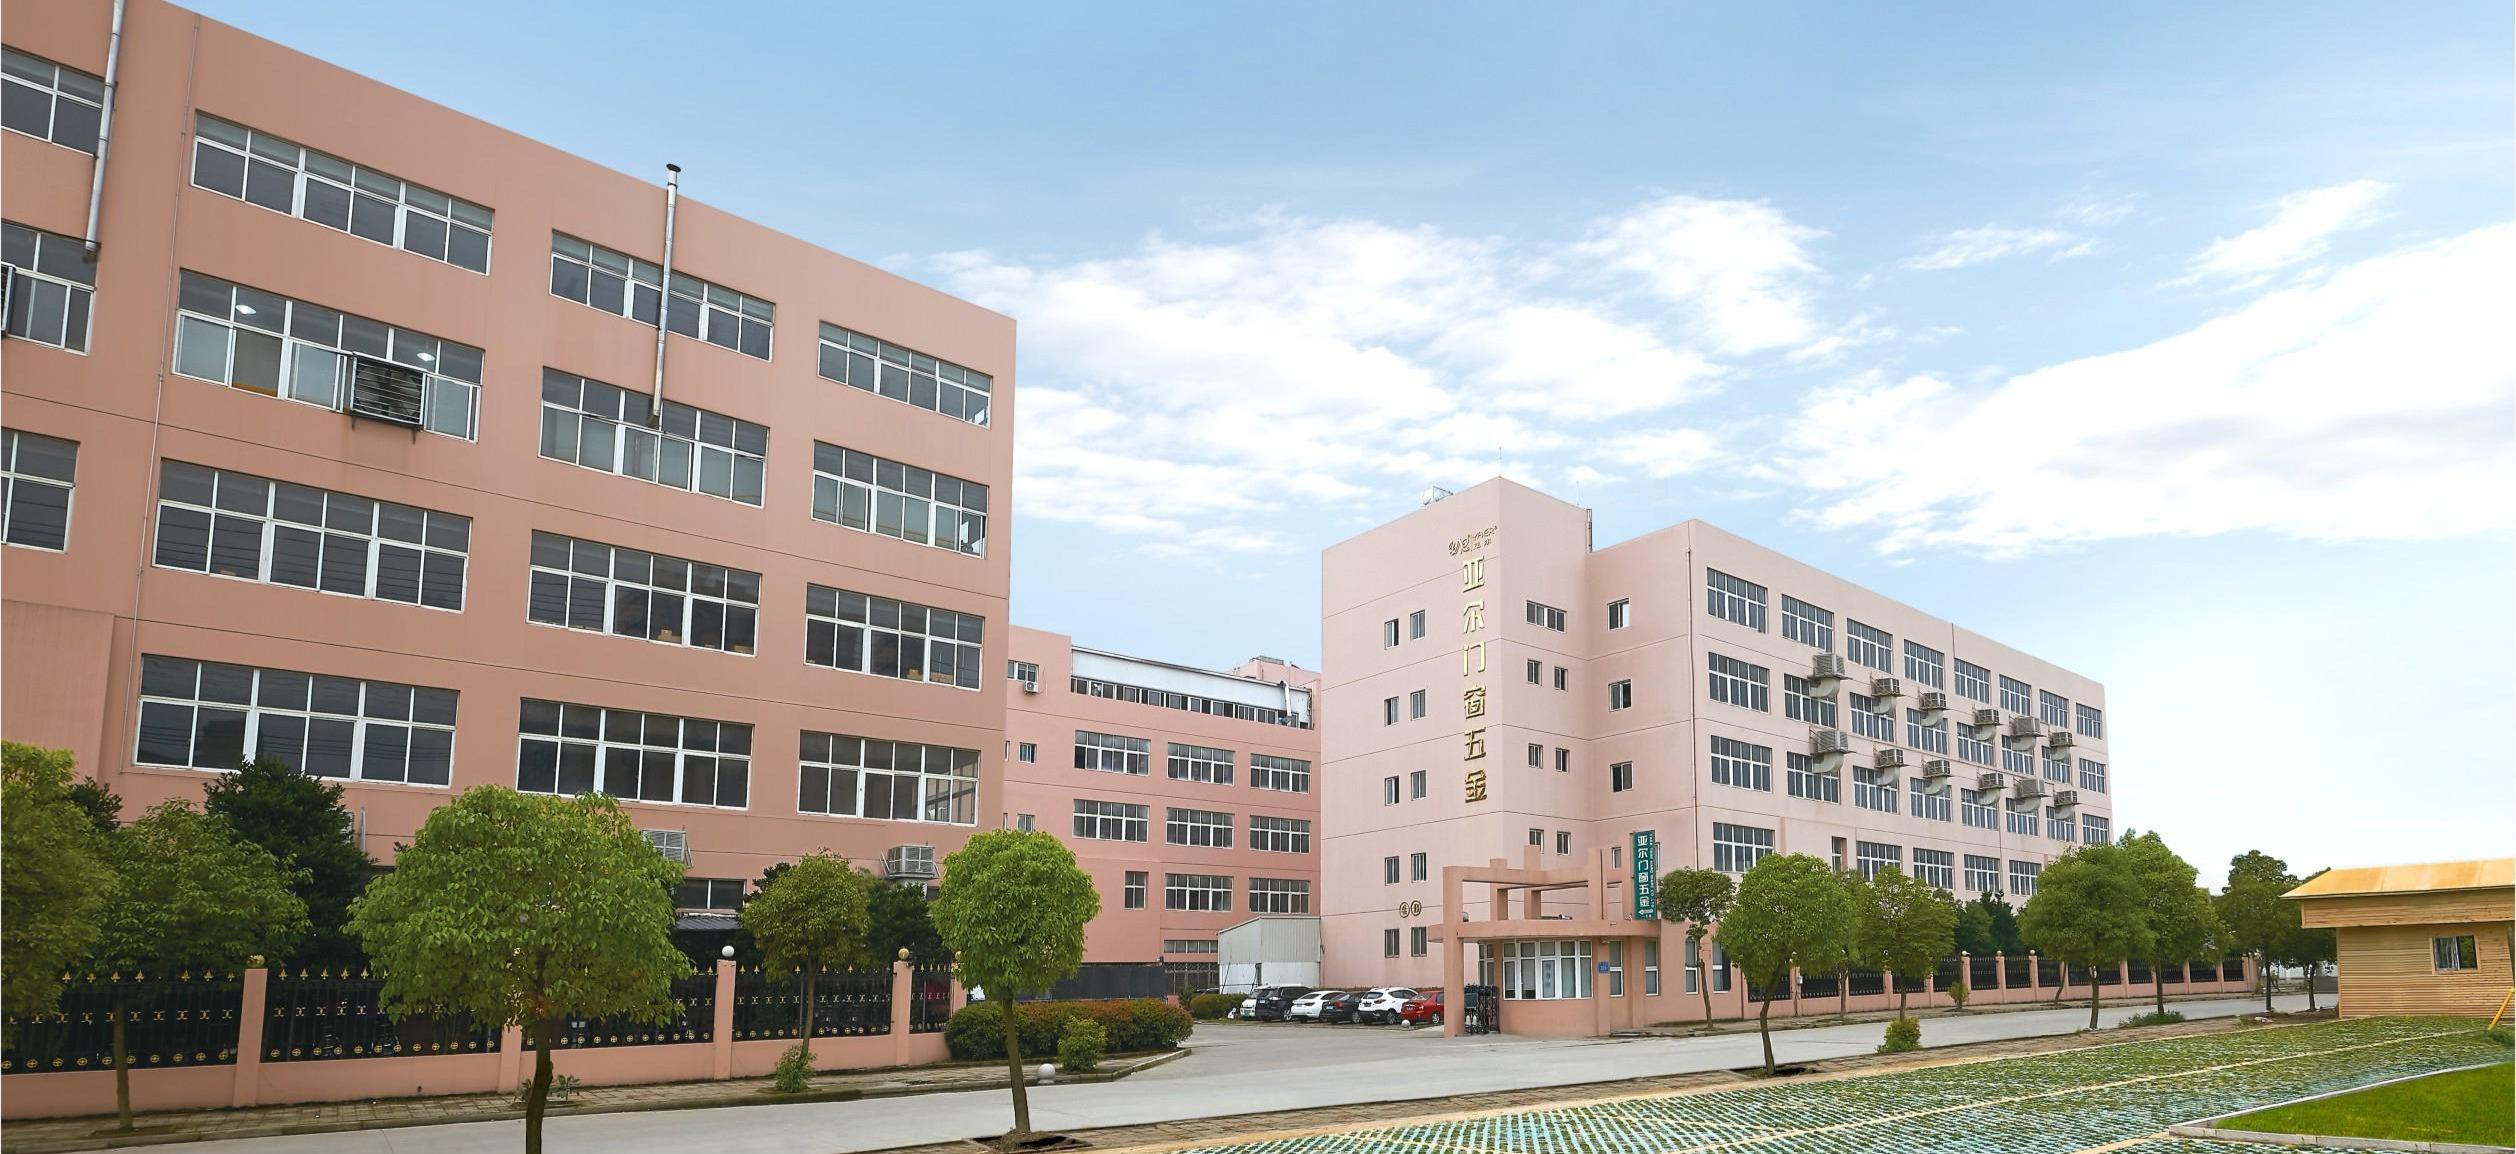 Yaer Factory